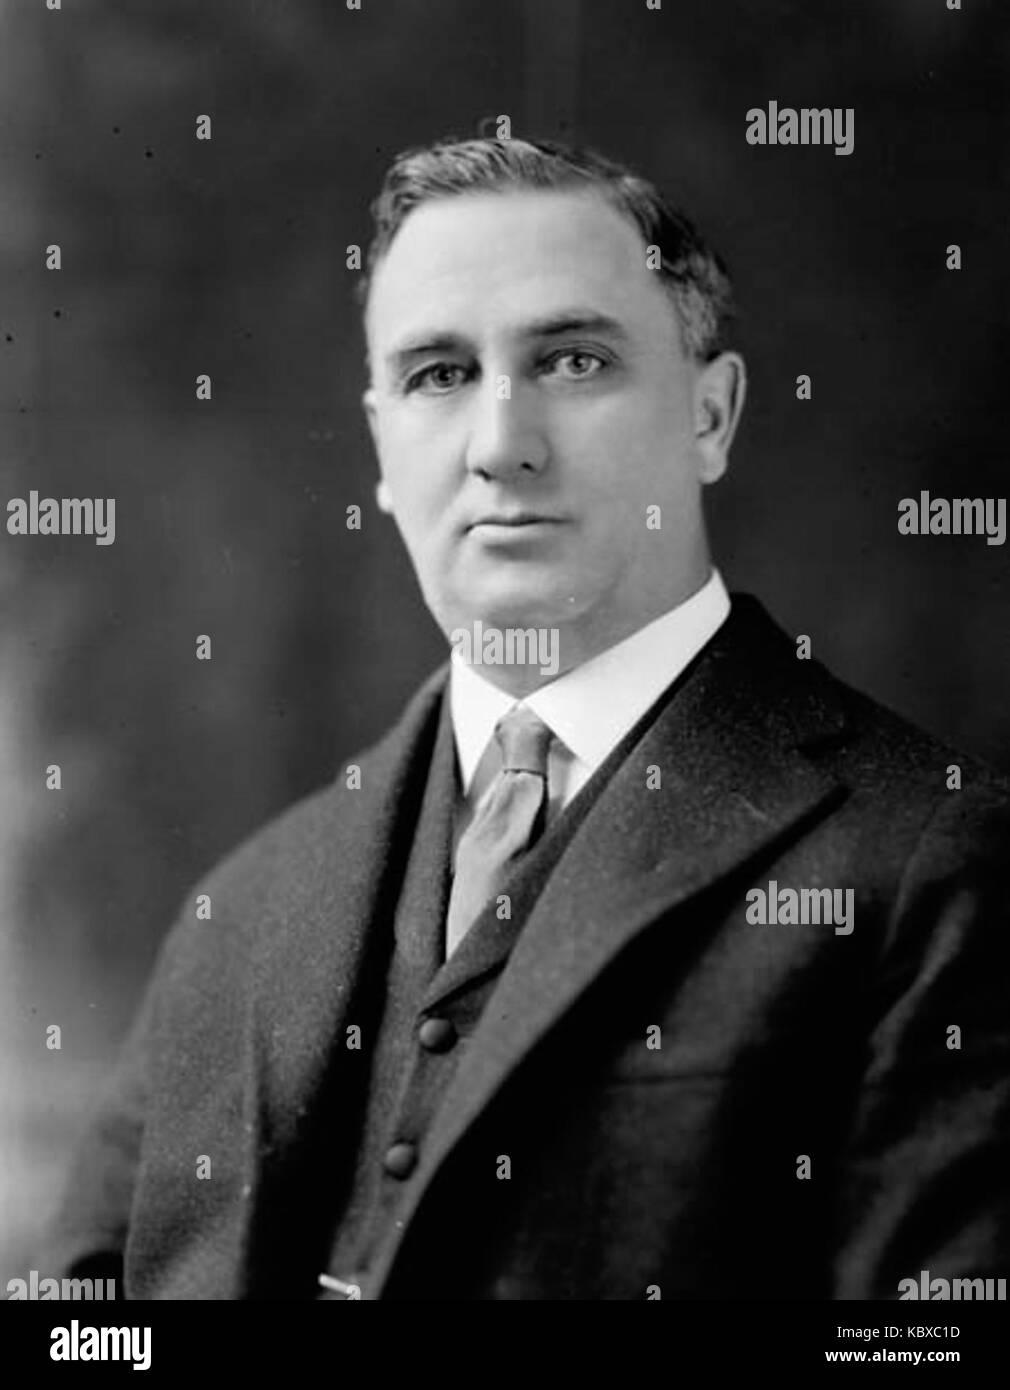 Gideon Robertson - Stock Image